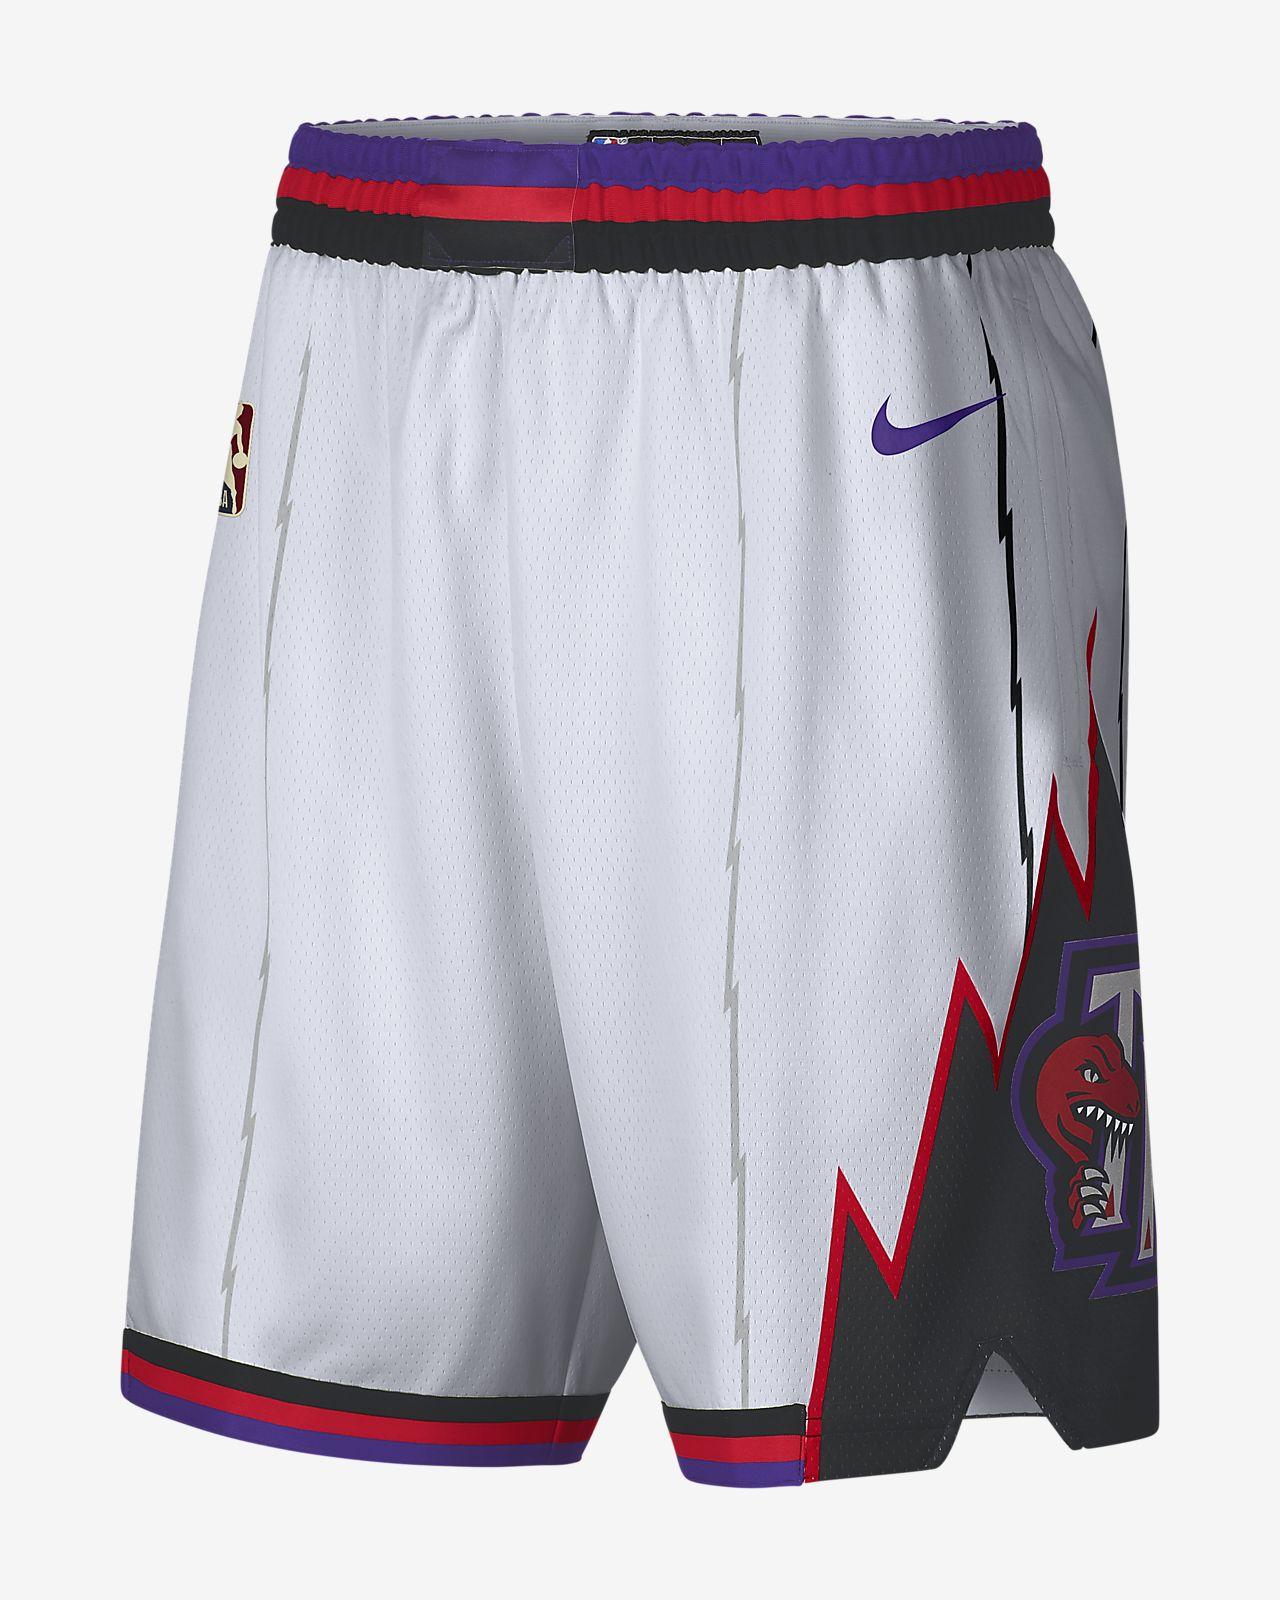 Toronto Raptors Classic Edition Swingman Pantalón corto de la NBA Nike - Hombre